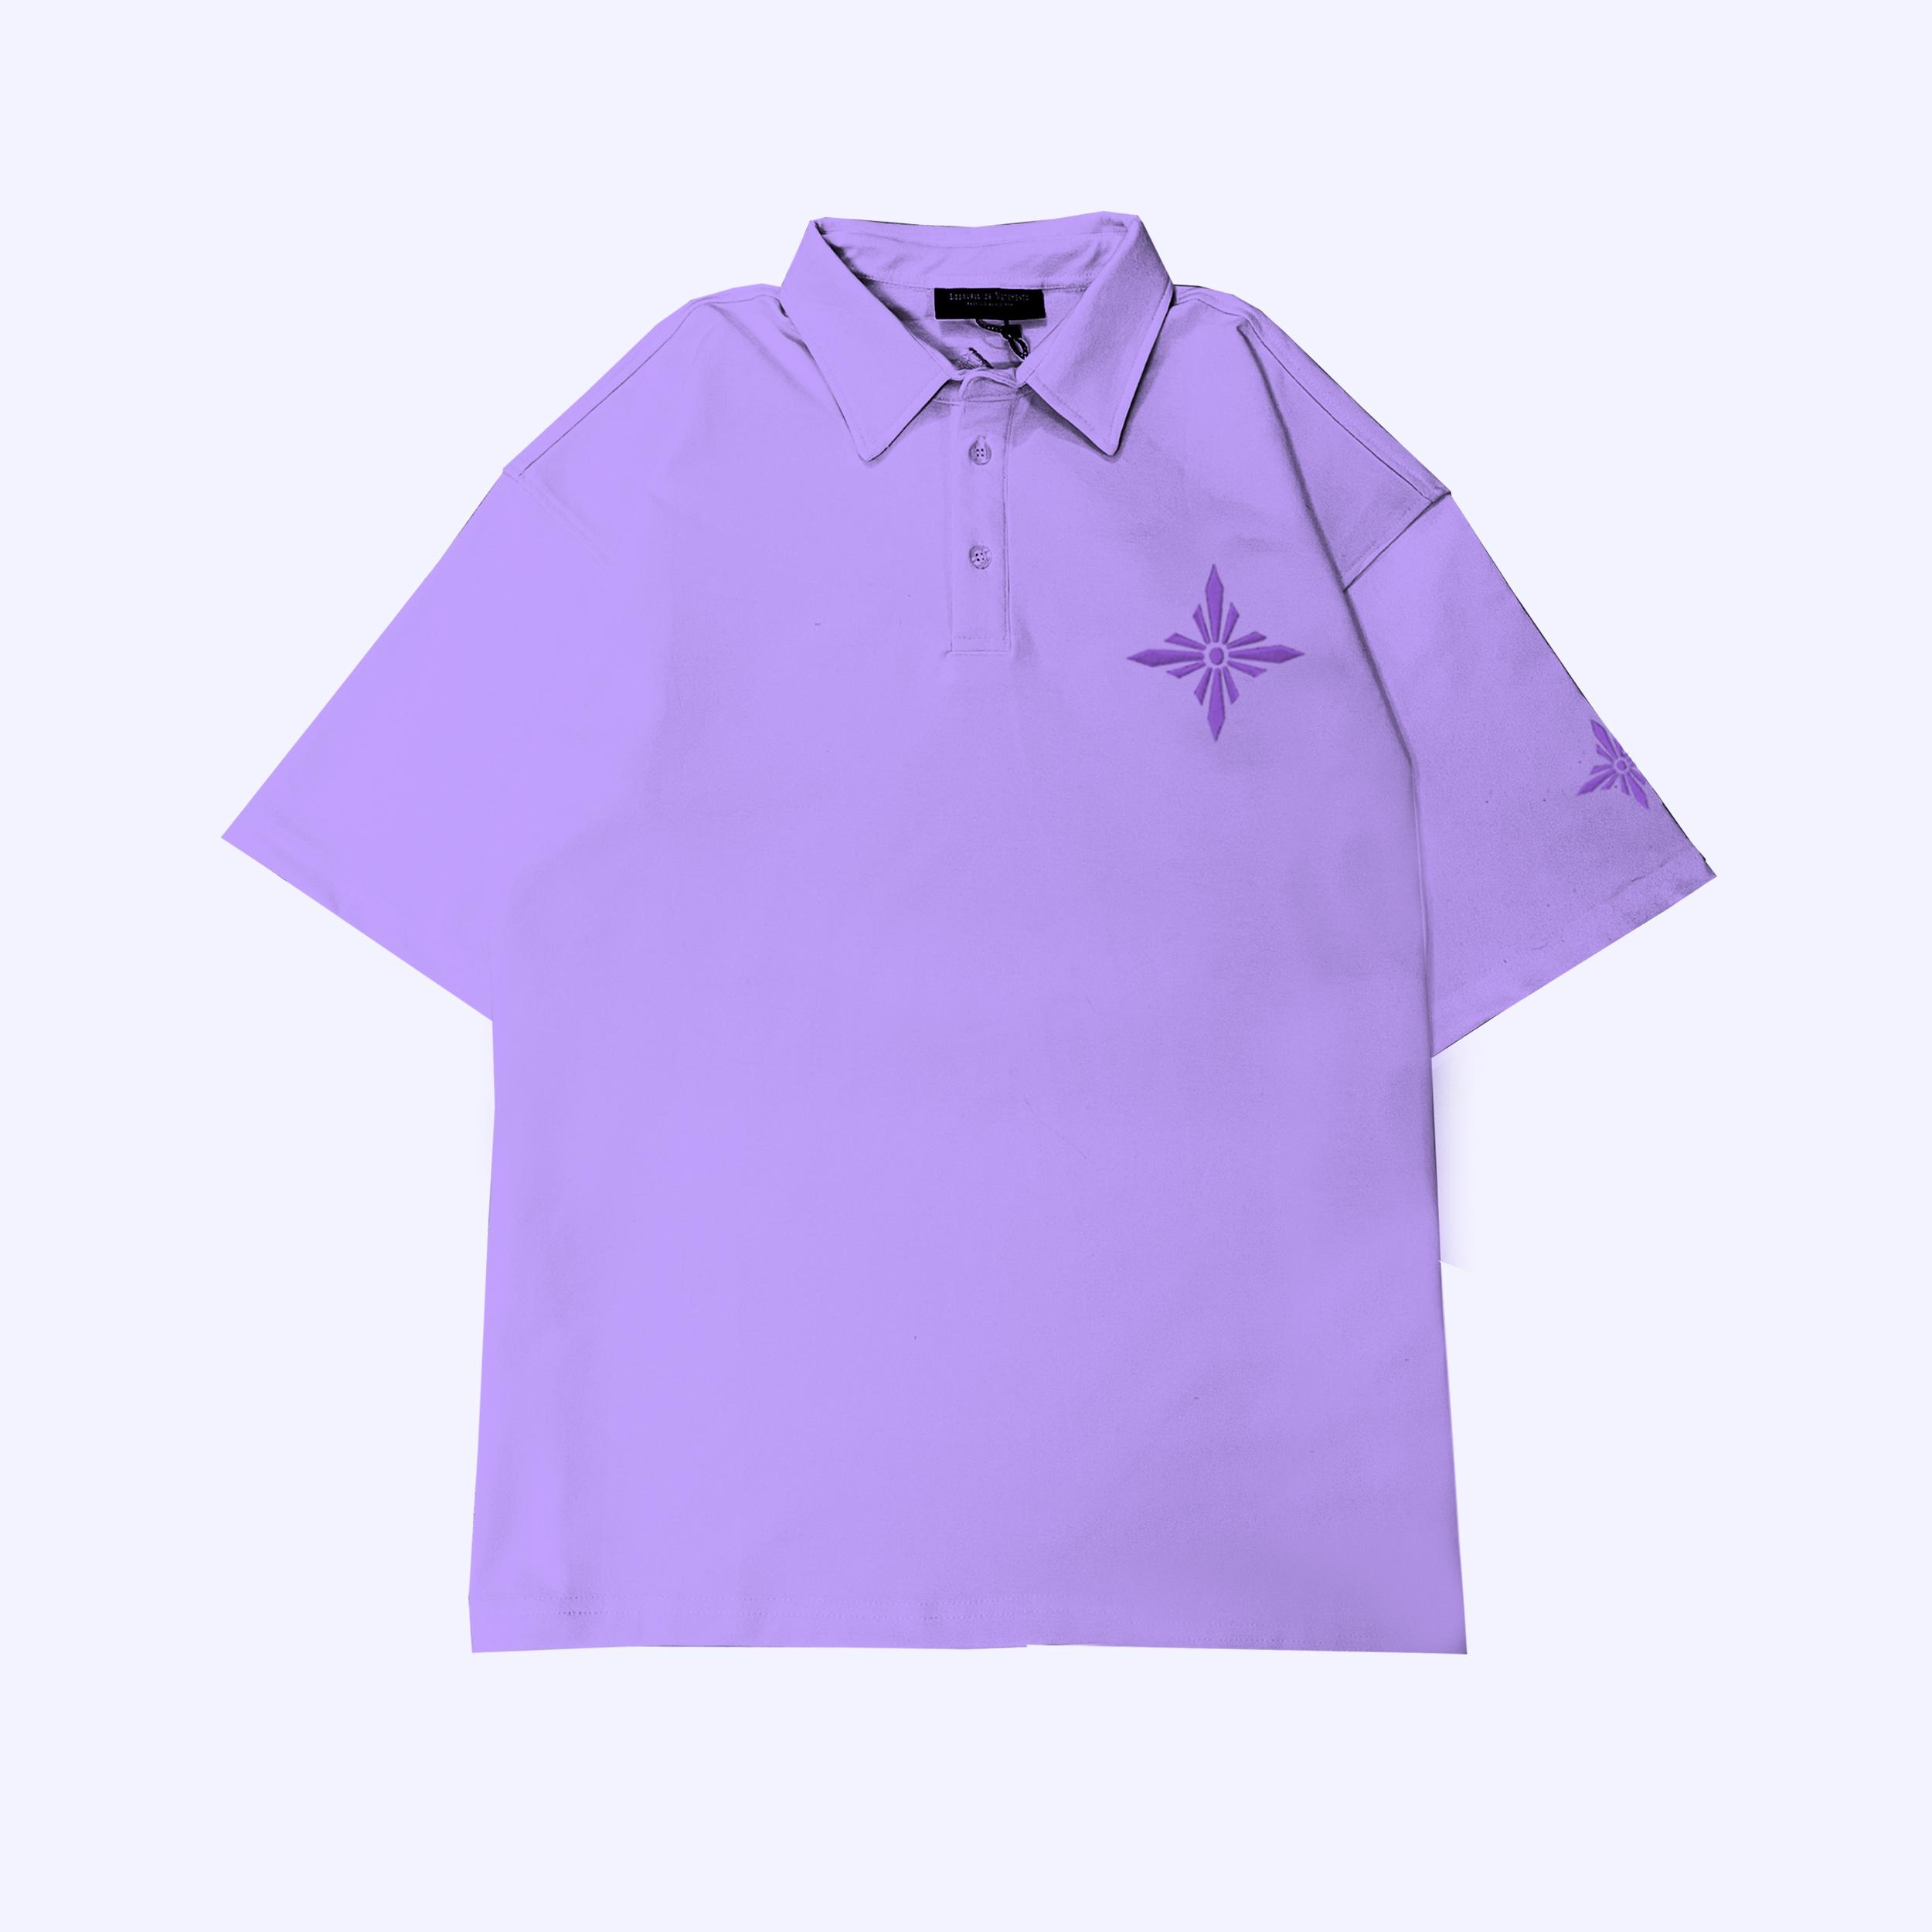 A/T Signature Polo Shirt